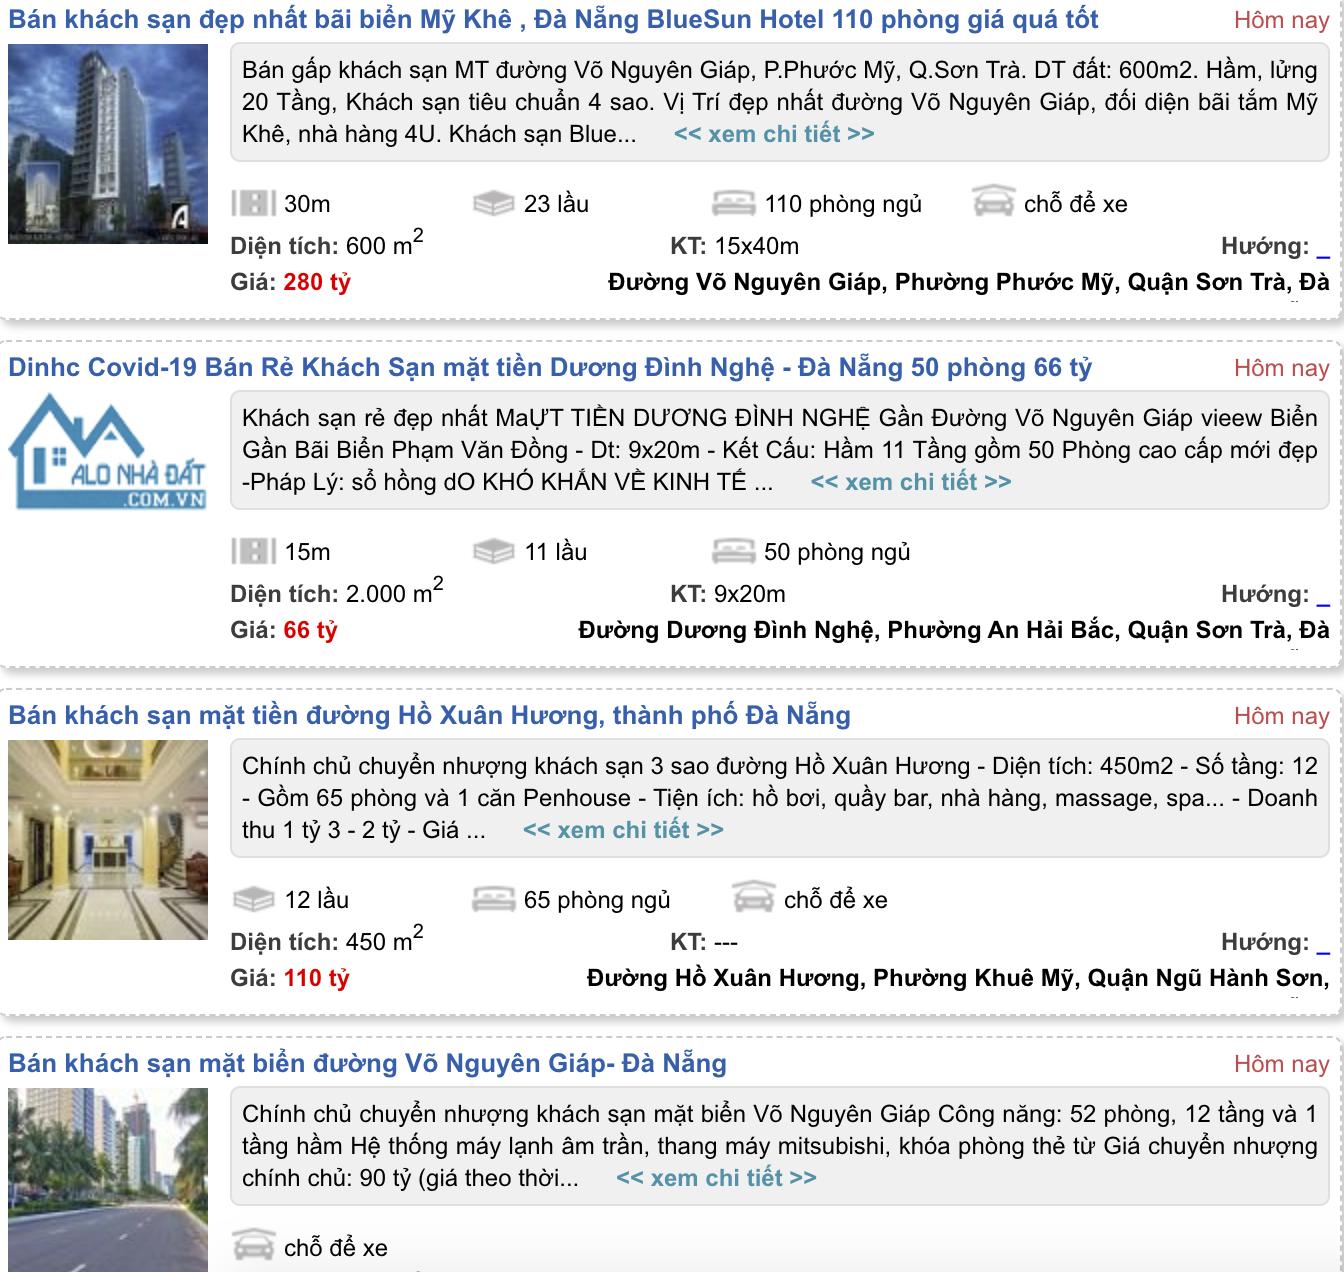 'Cú đấm bồi' COVID-19 khiến khách sạn 4 sao ở Đà Nẵng cũng rao bán - Ảnh 1.